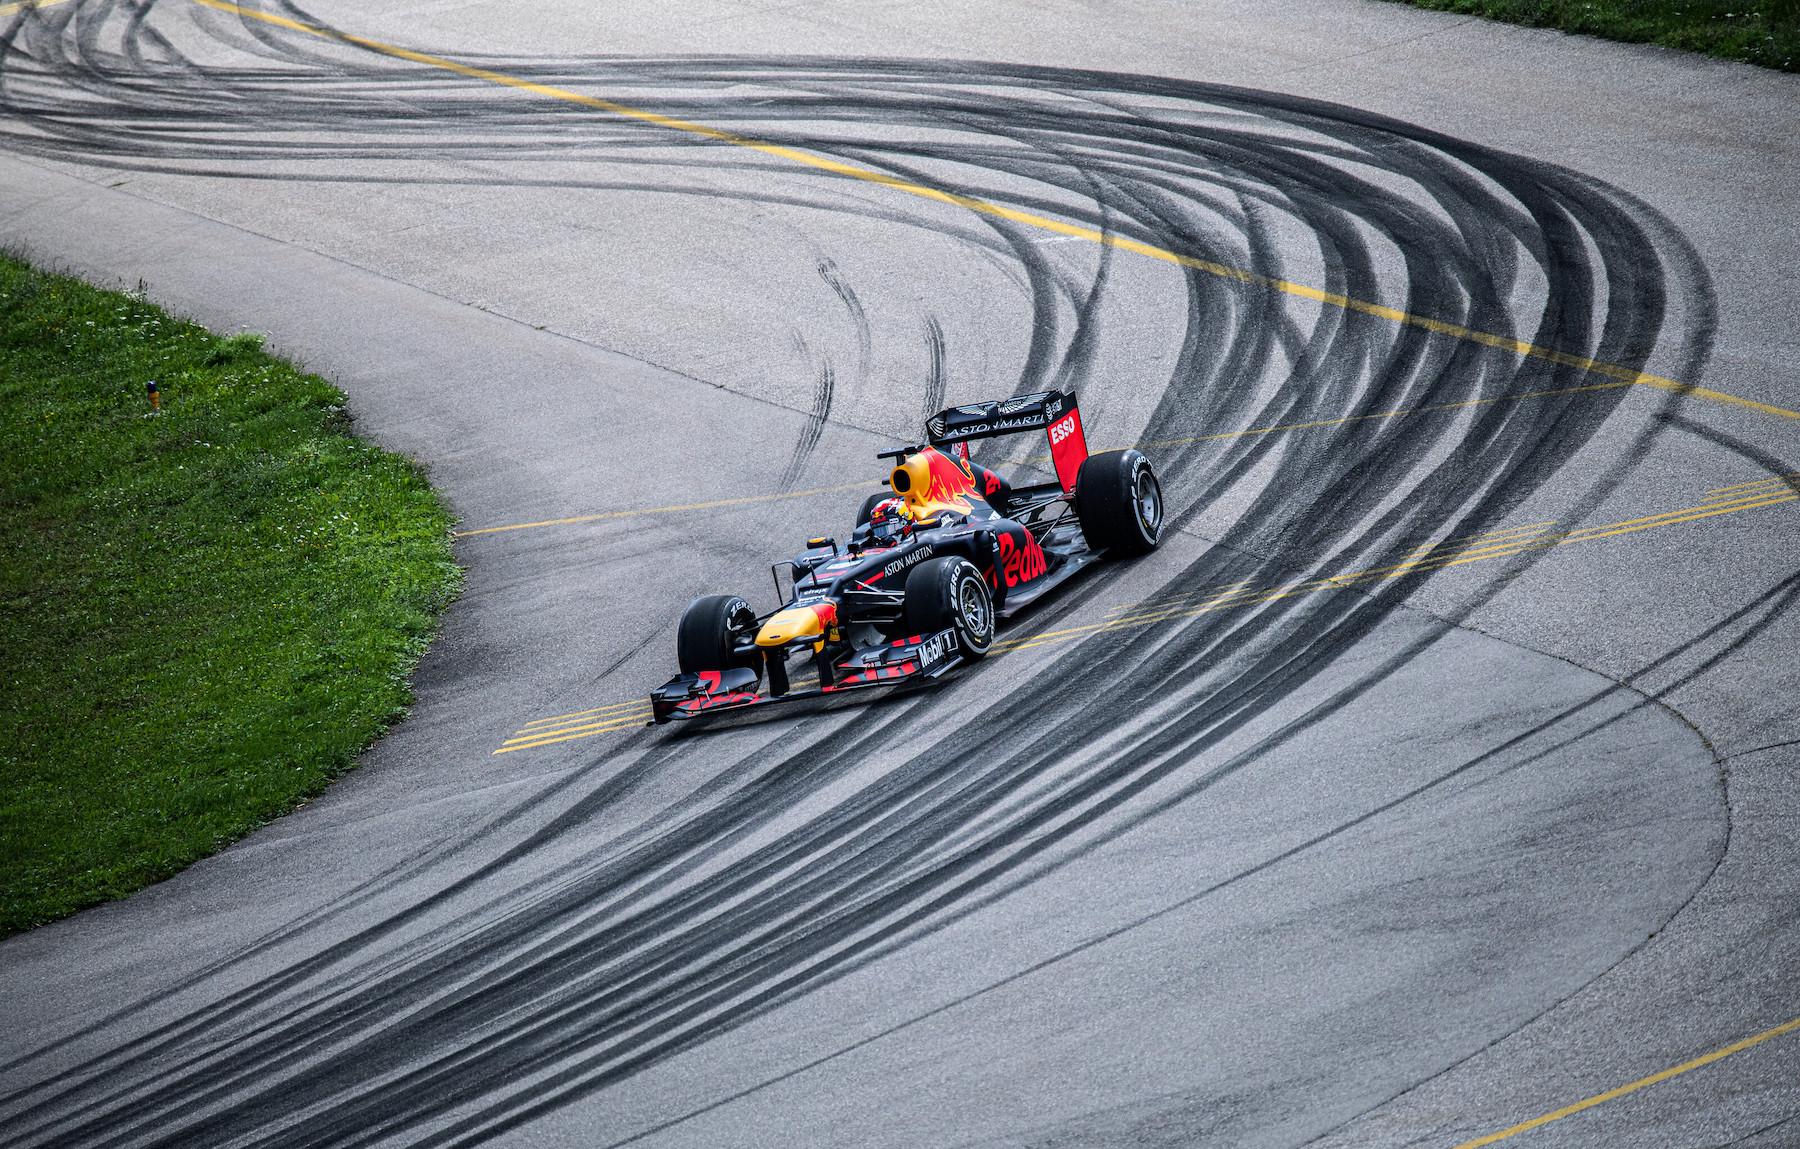 2019 Red Bull at Switzerland 6.jpg